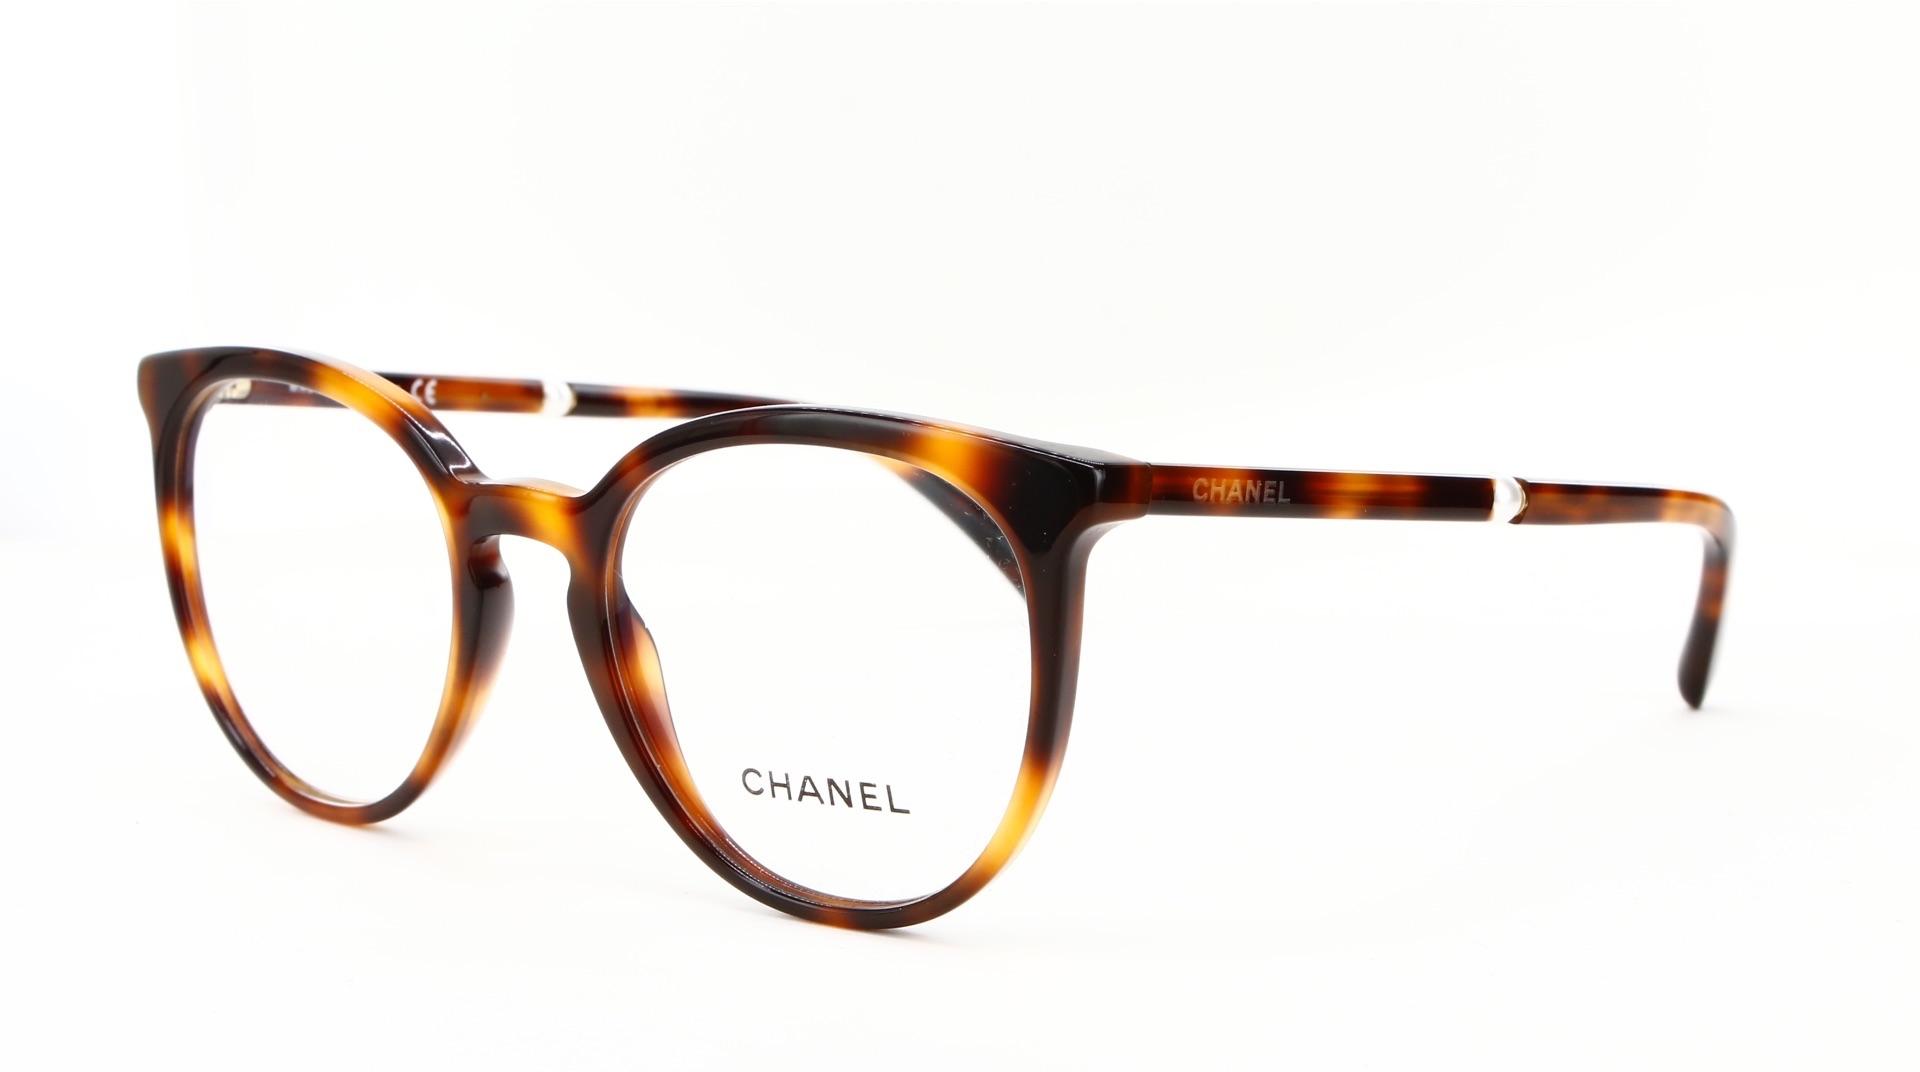 Chanel - ref: 79703